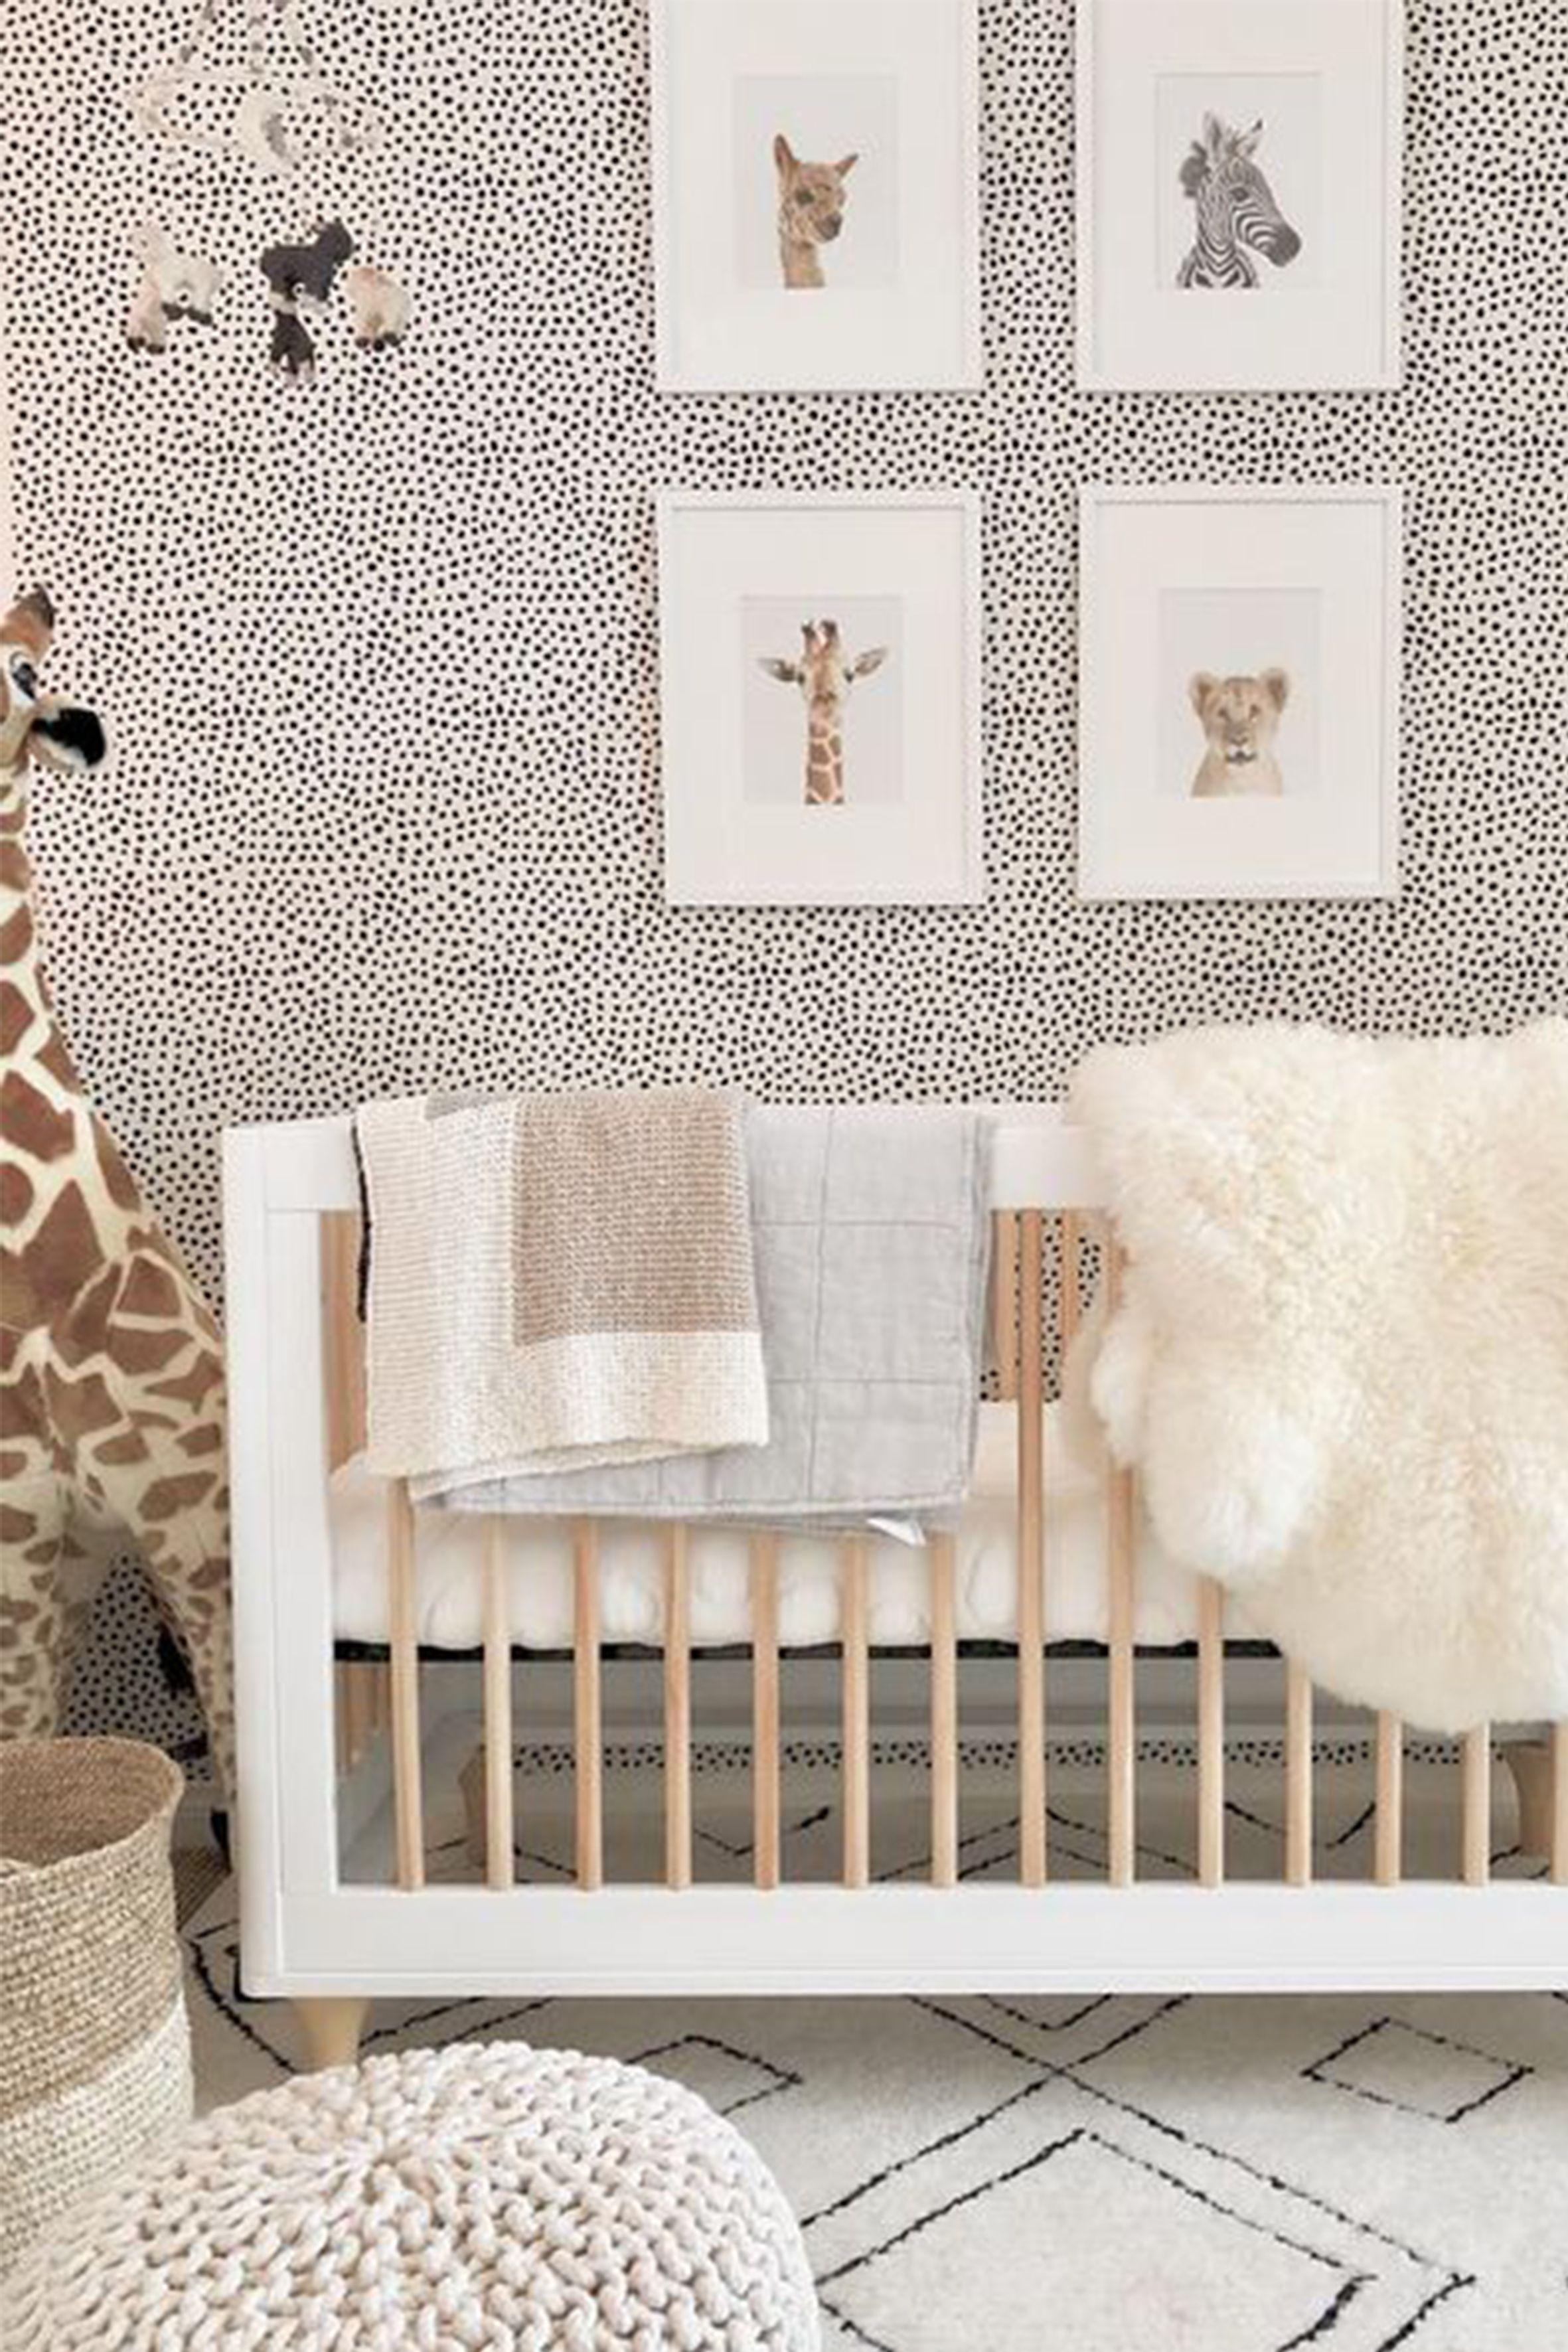 Adopter La Decoration Jungle Pour La Chambre De Bebe Blog